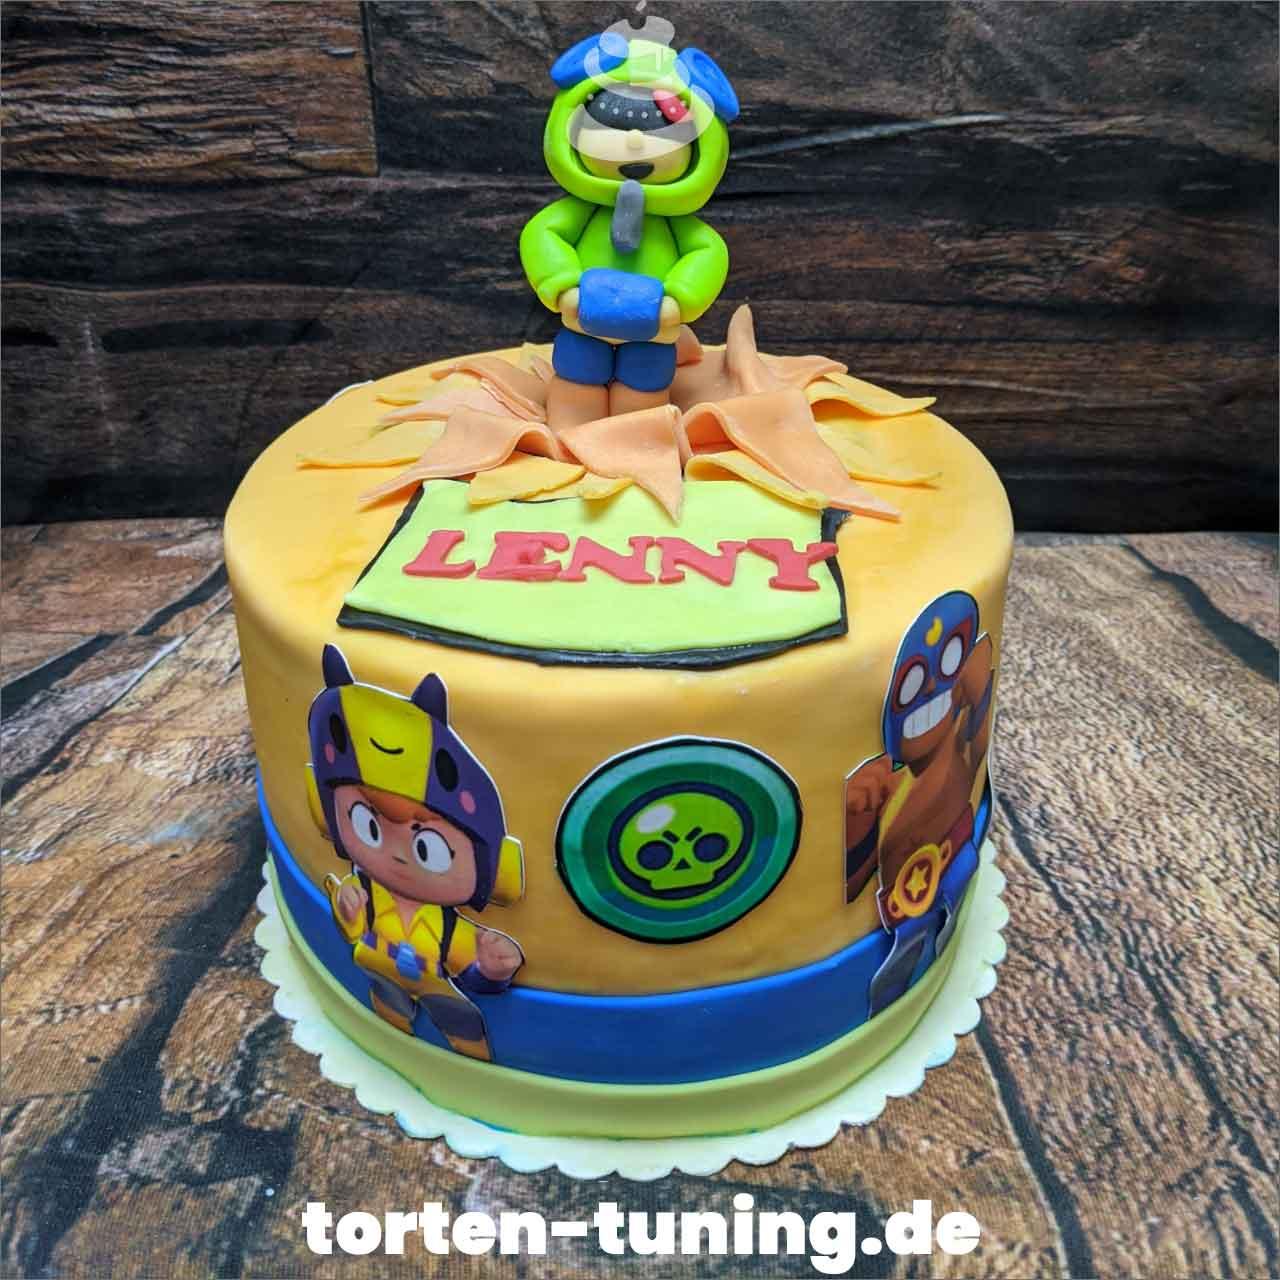 Kindergeburtstagstorte Obsttorte Geburtstagstorte Motivtorte Torte Tortendekoration Torte online bestellen Suhl Thüringen Torten Tuning Sahnetorte Tortenfiguren Cake Topper